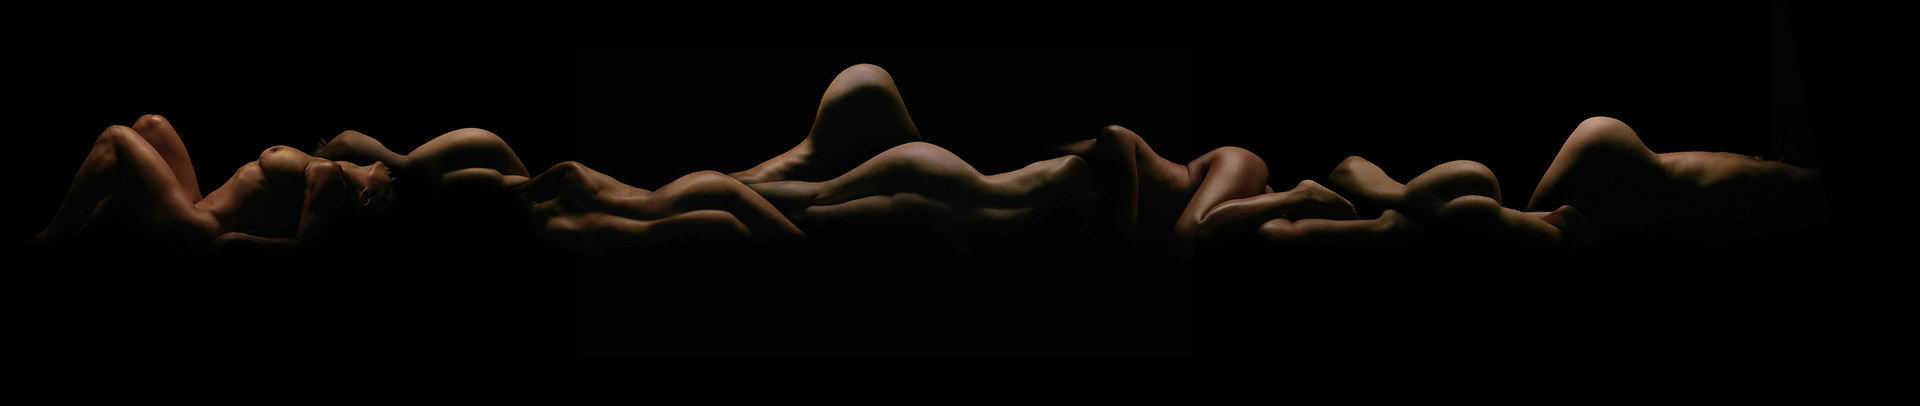 Джим Голден / Jim Golden, США, 2-е место в категории «Коммерческая/Редакционная» (профессионал), Фотоконкурс «Тело» / The Body — A Celebration of the human figure